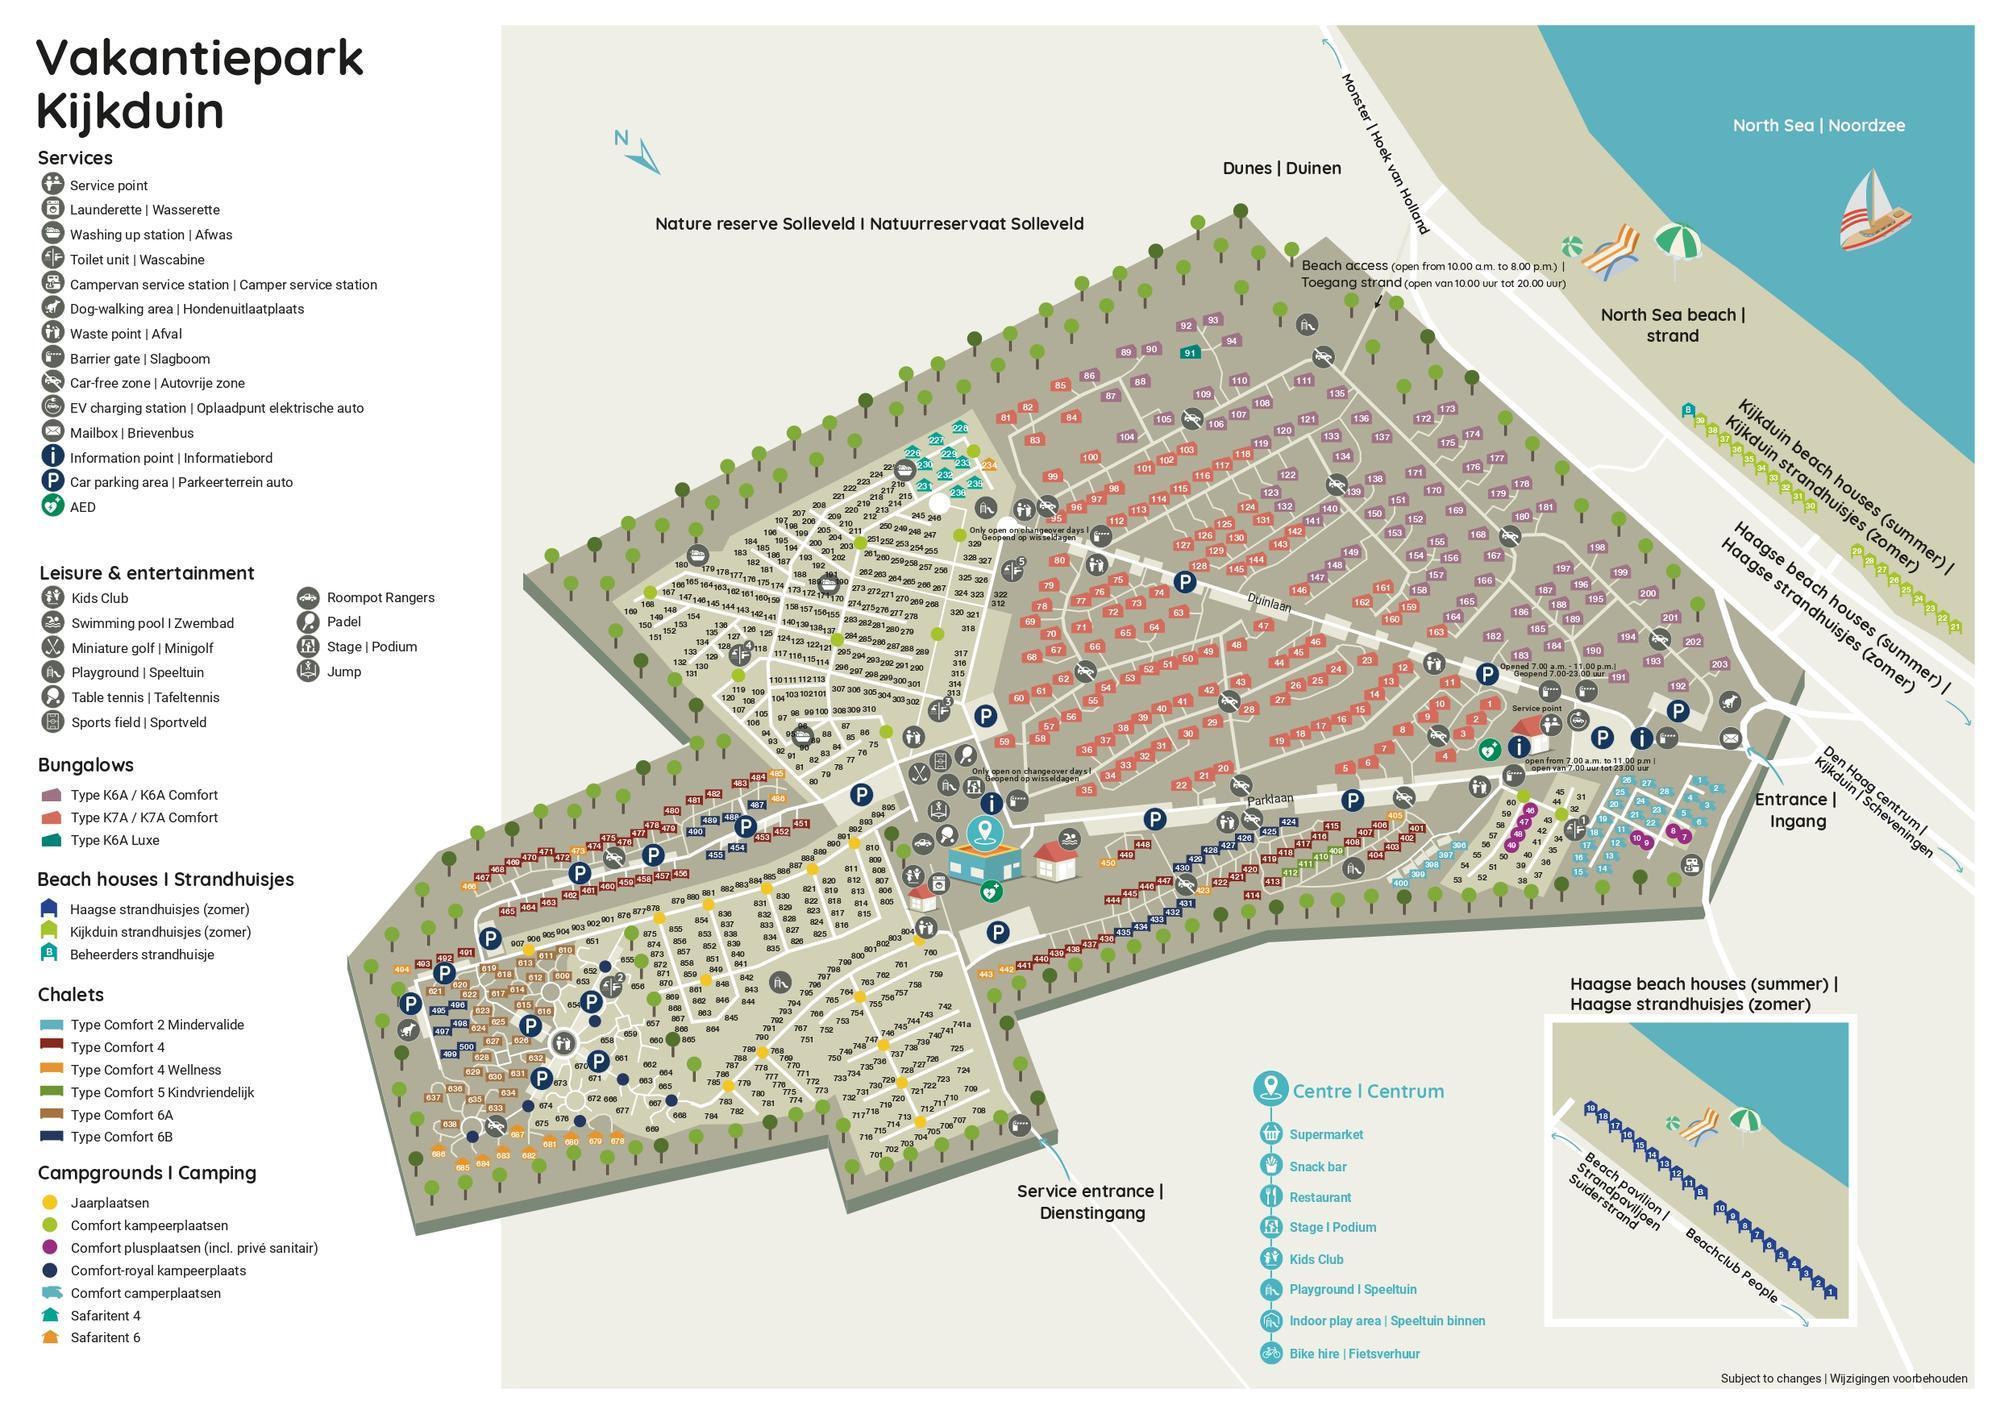 Praktischer Grundriss Ferienpark Kijkduin